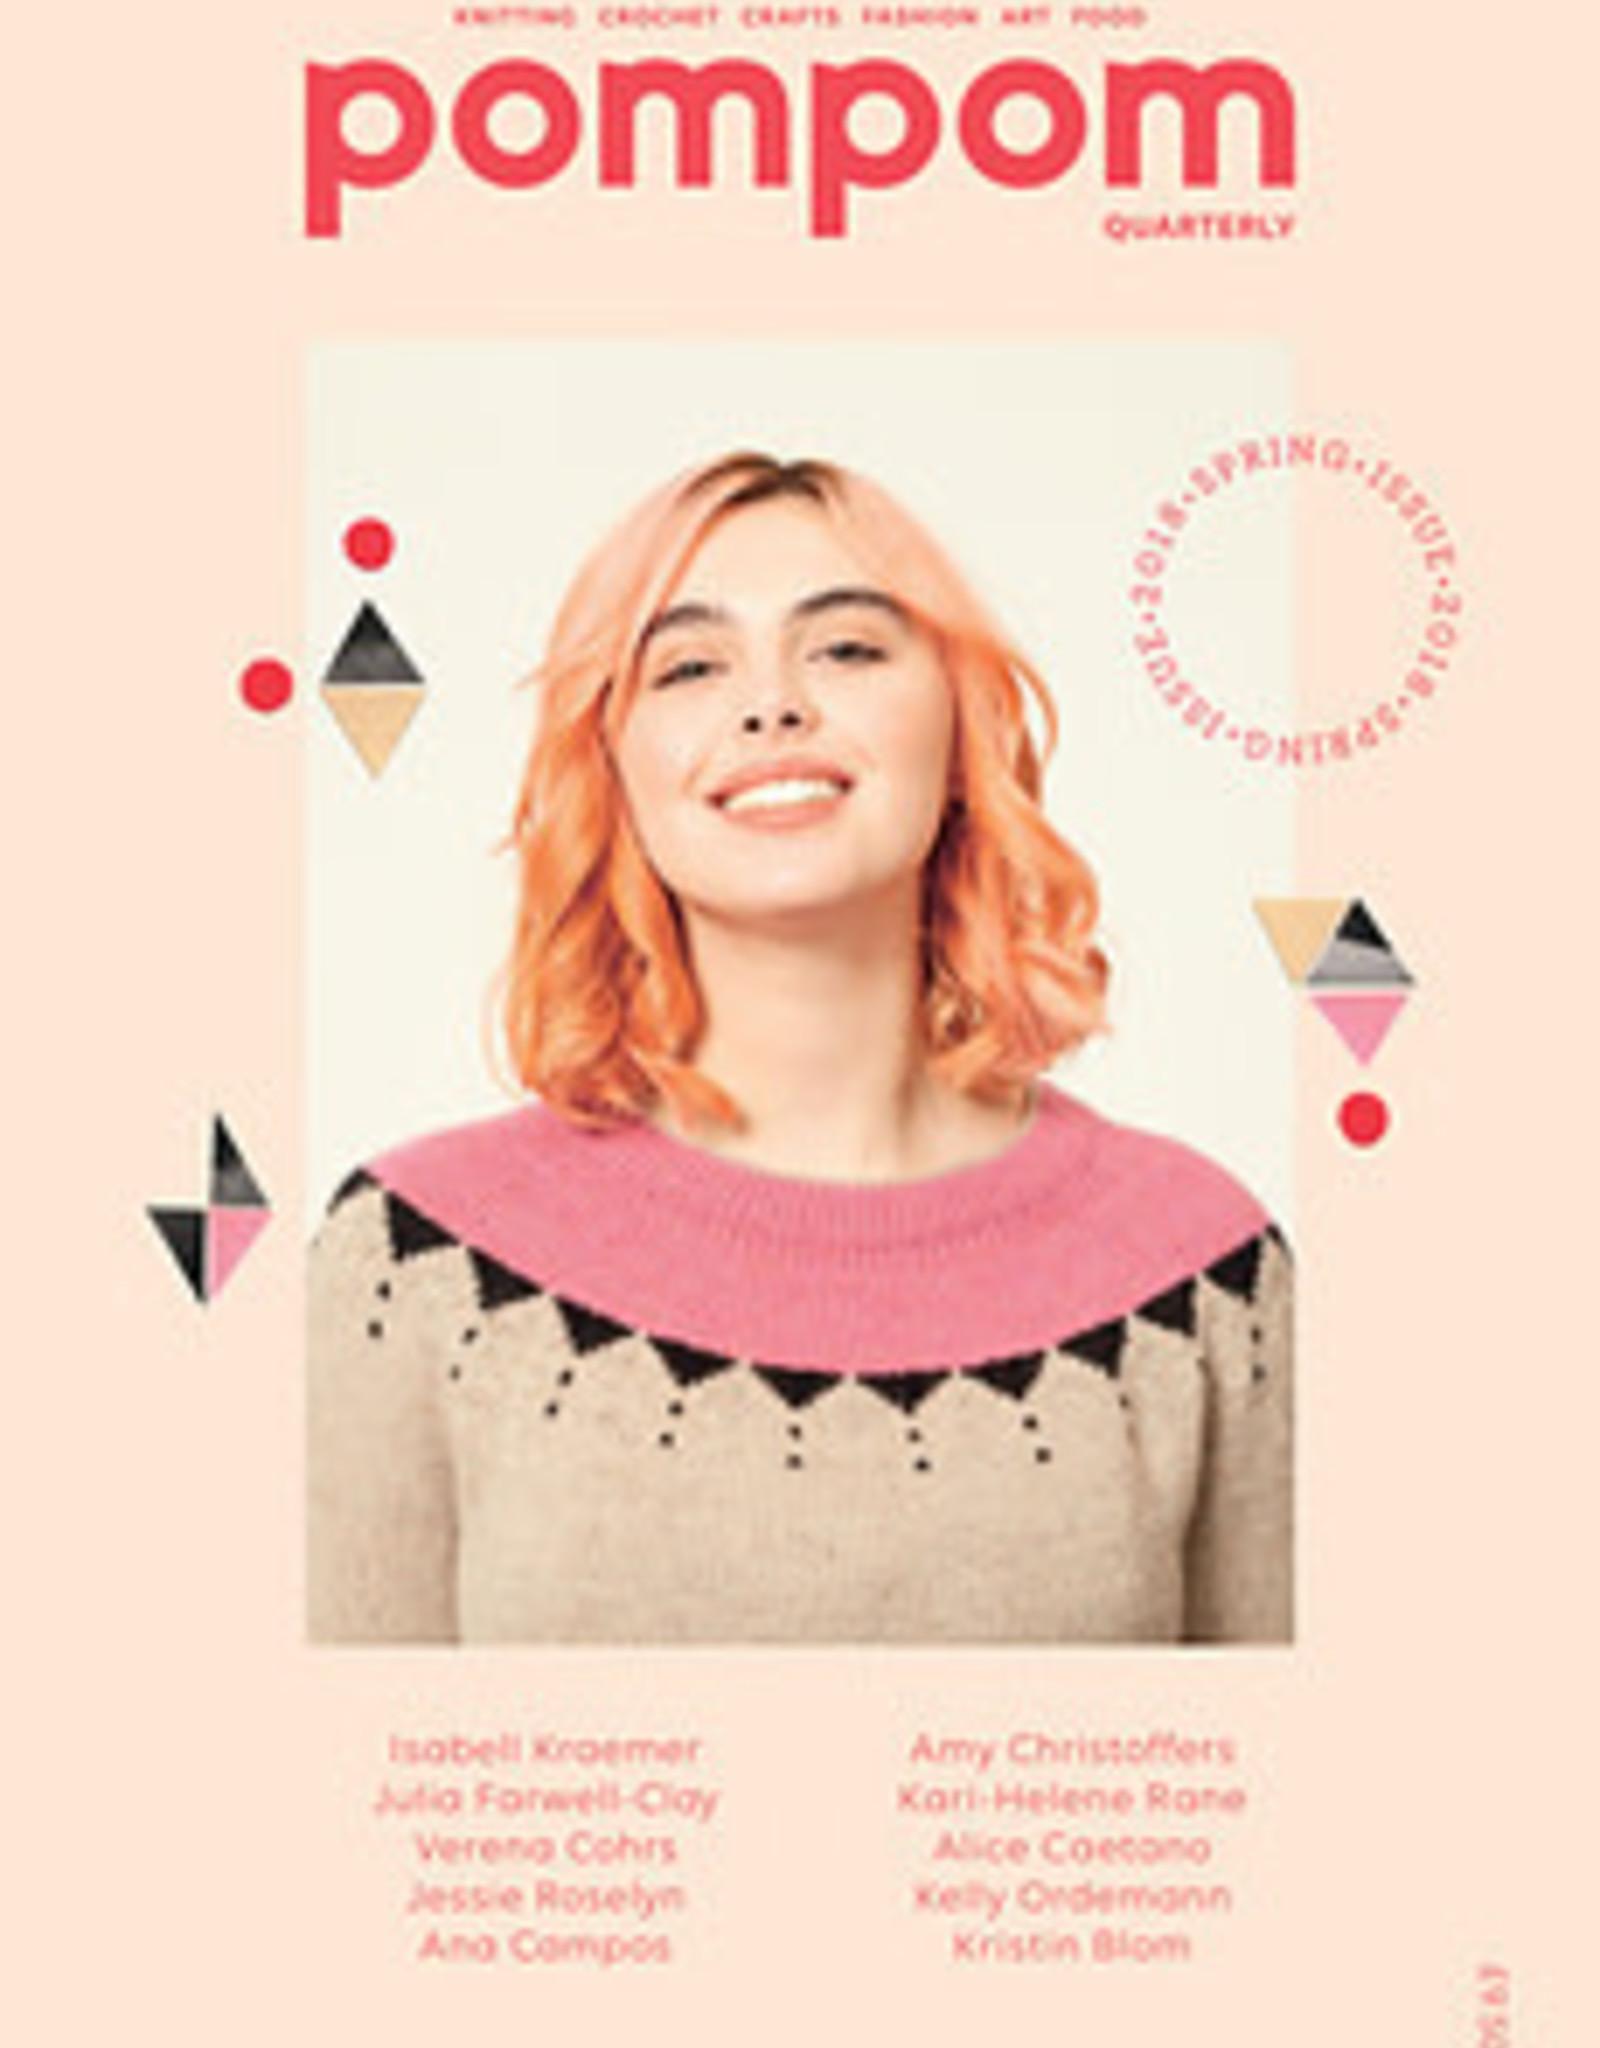 Pom Pom Quarterly - Issue 24